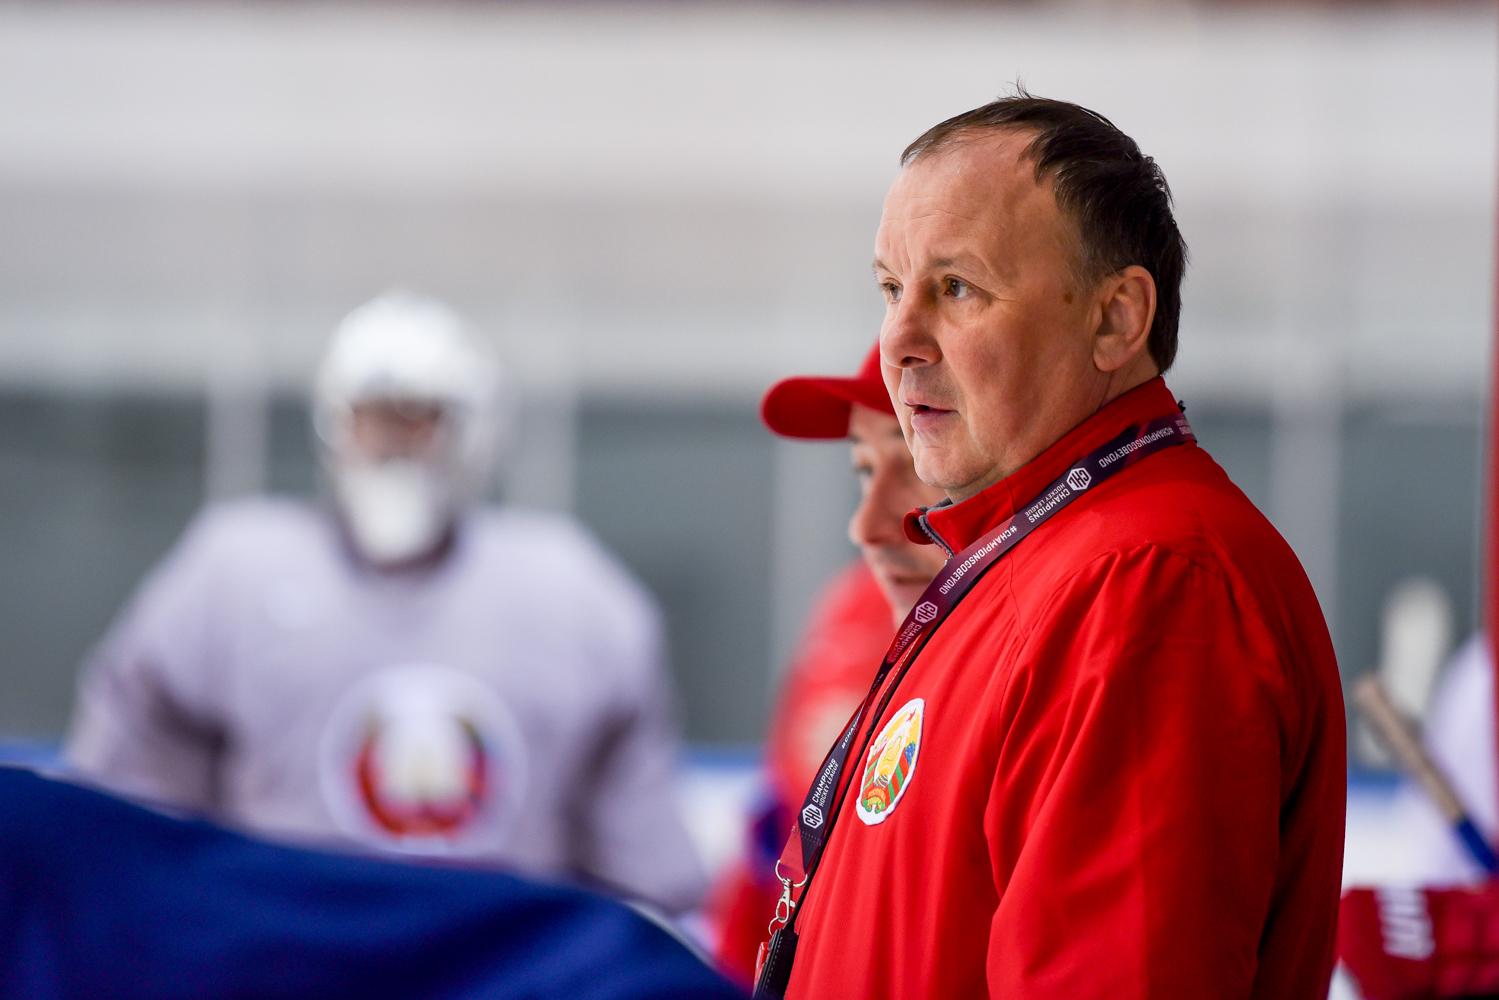 Михаил Захаров: планируем сыграть перед чемпионатом мира примерно 11-12 матчей